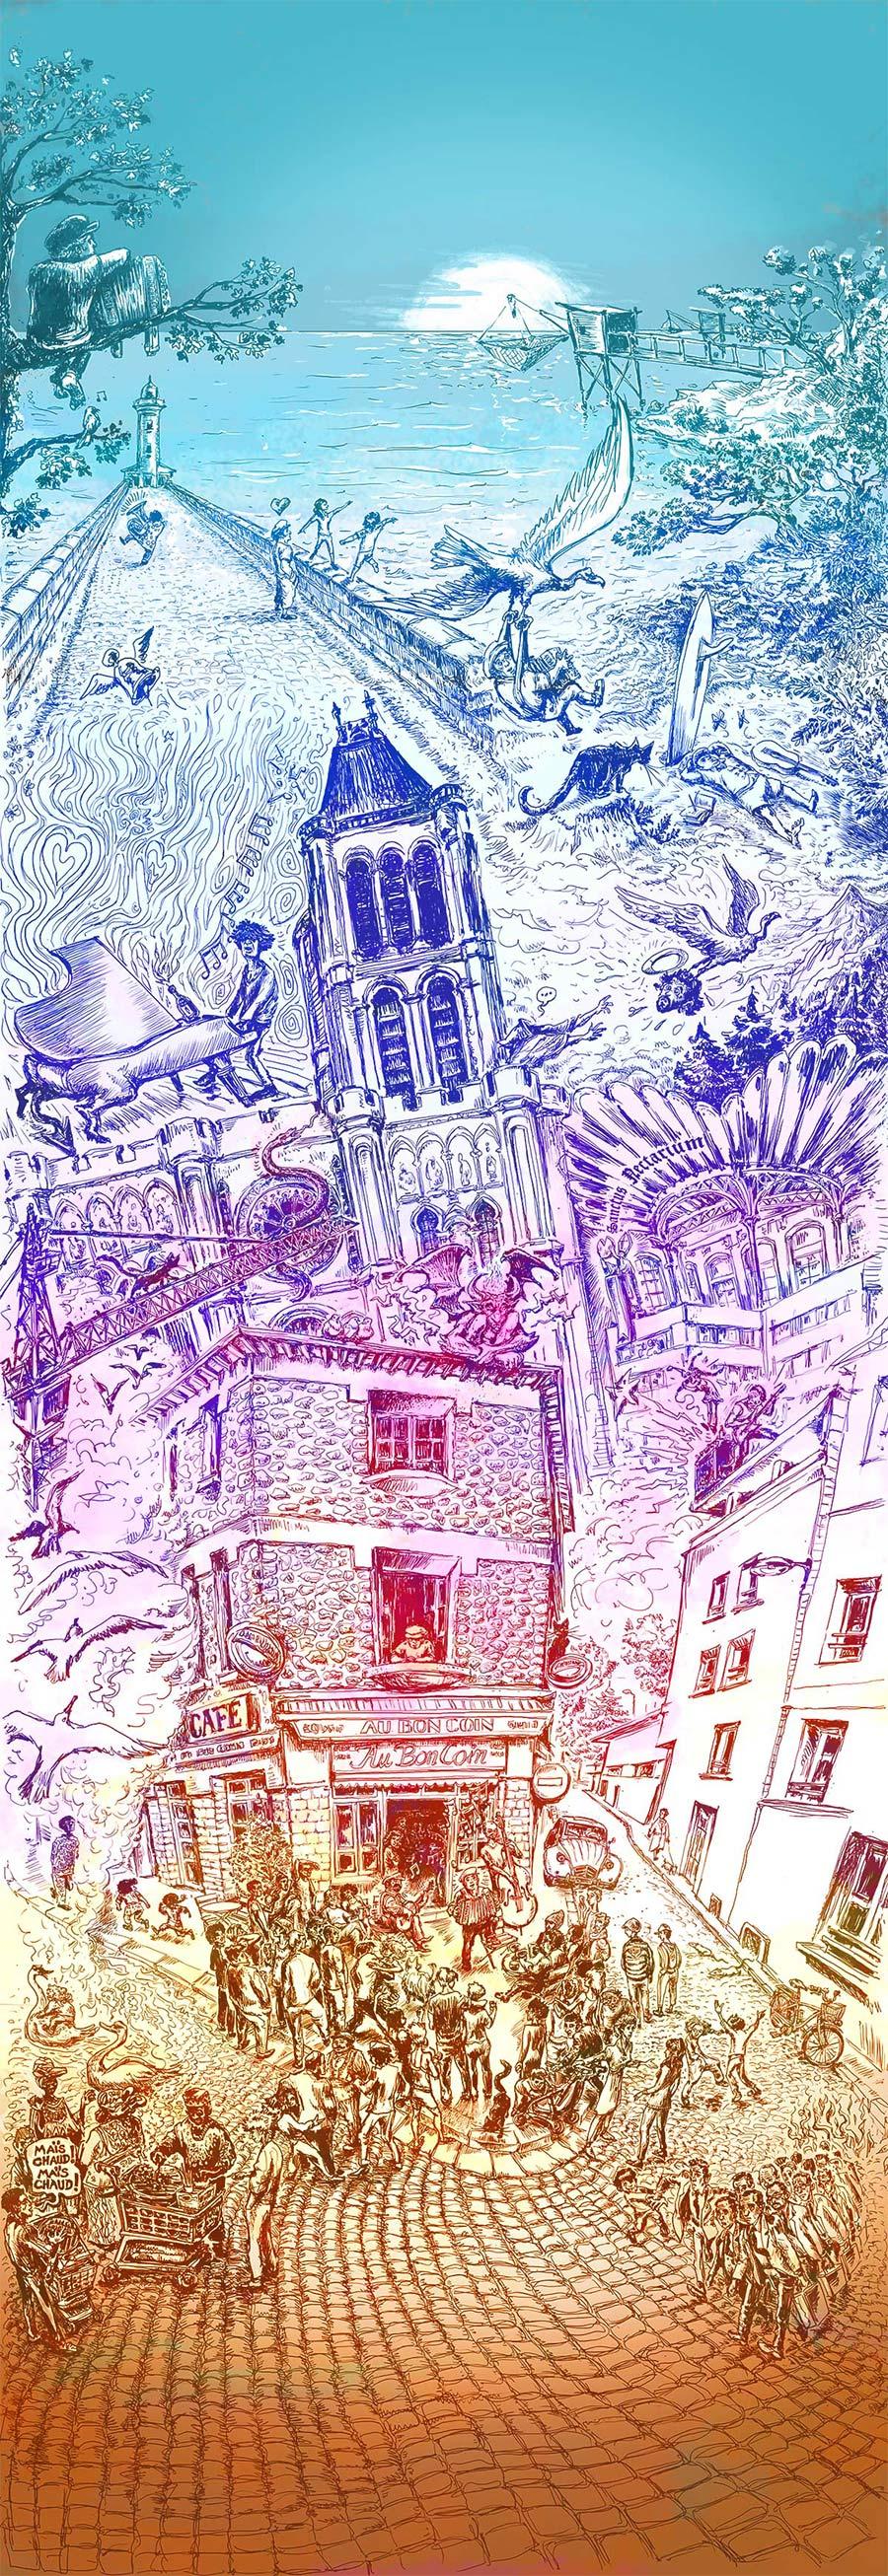 illustration website Fanch couleur